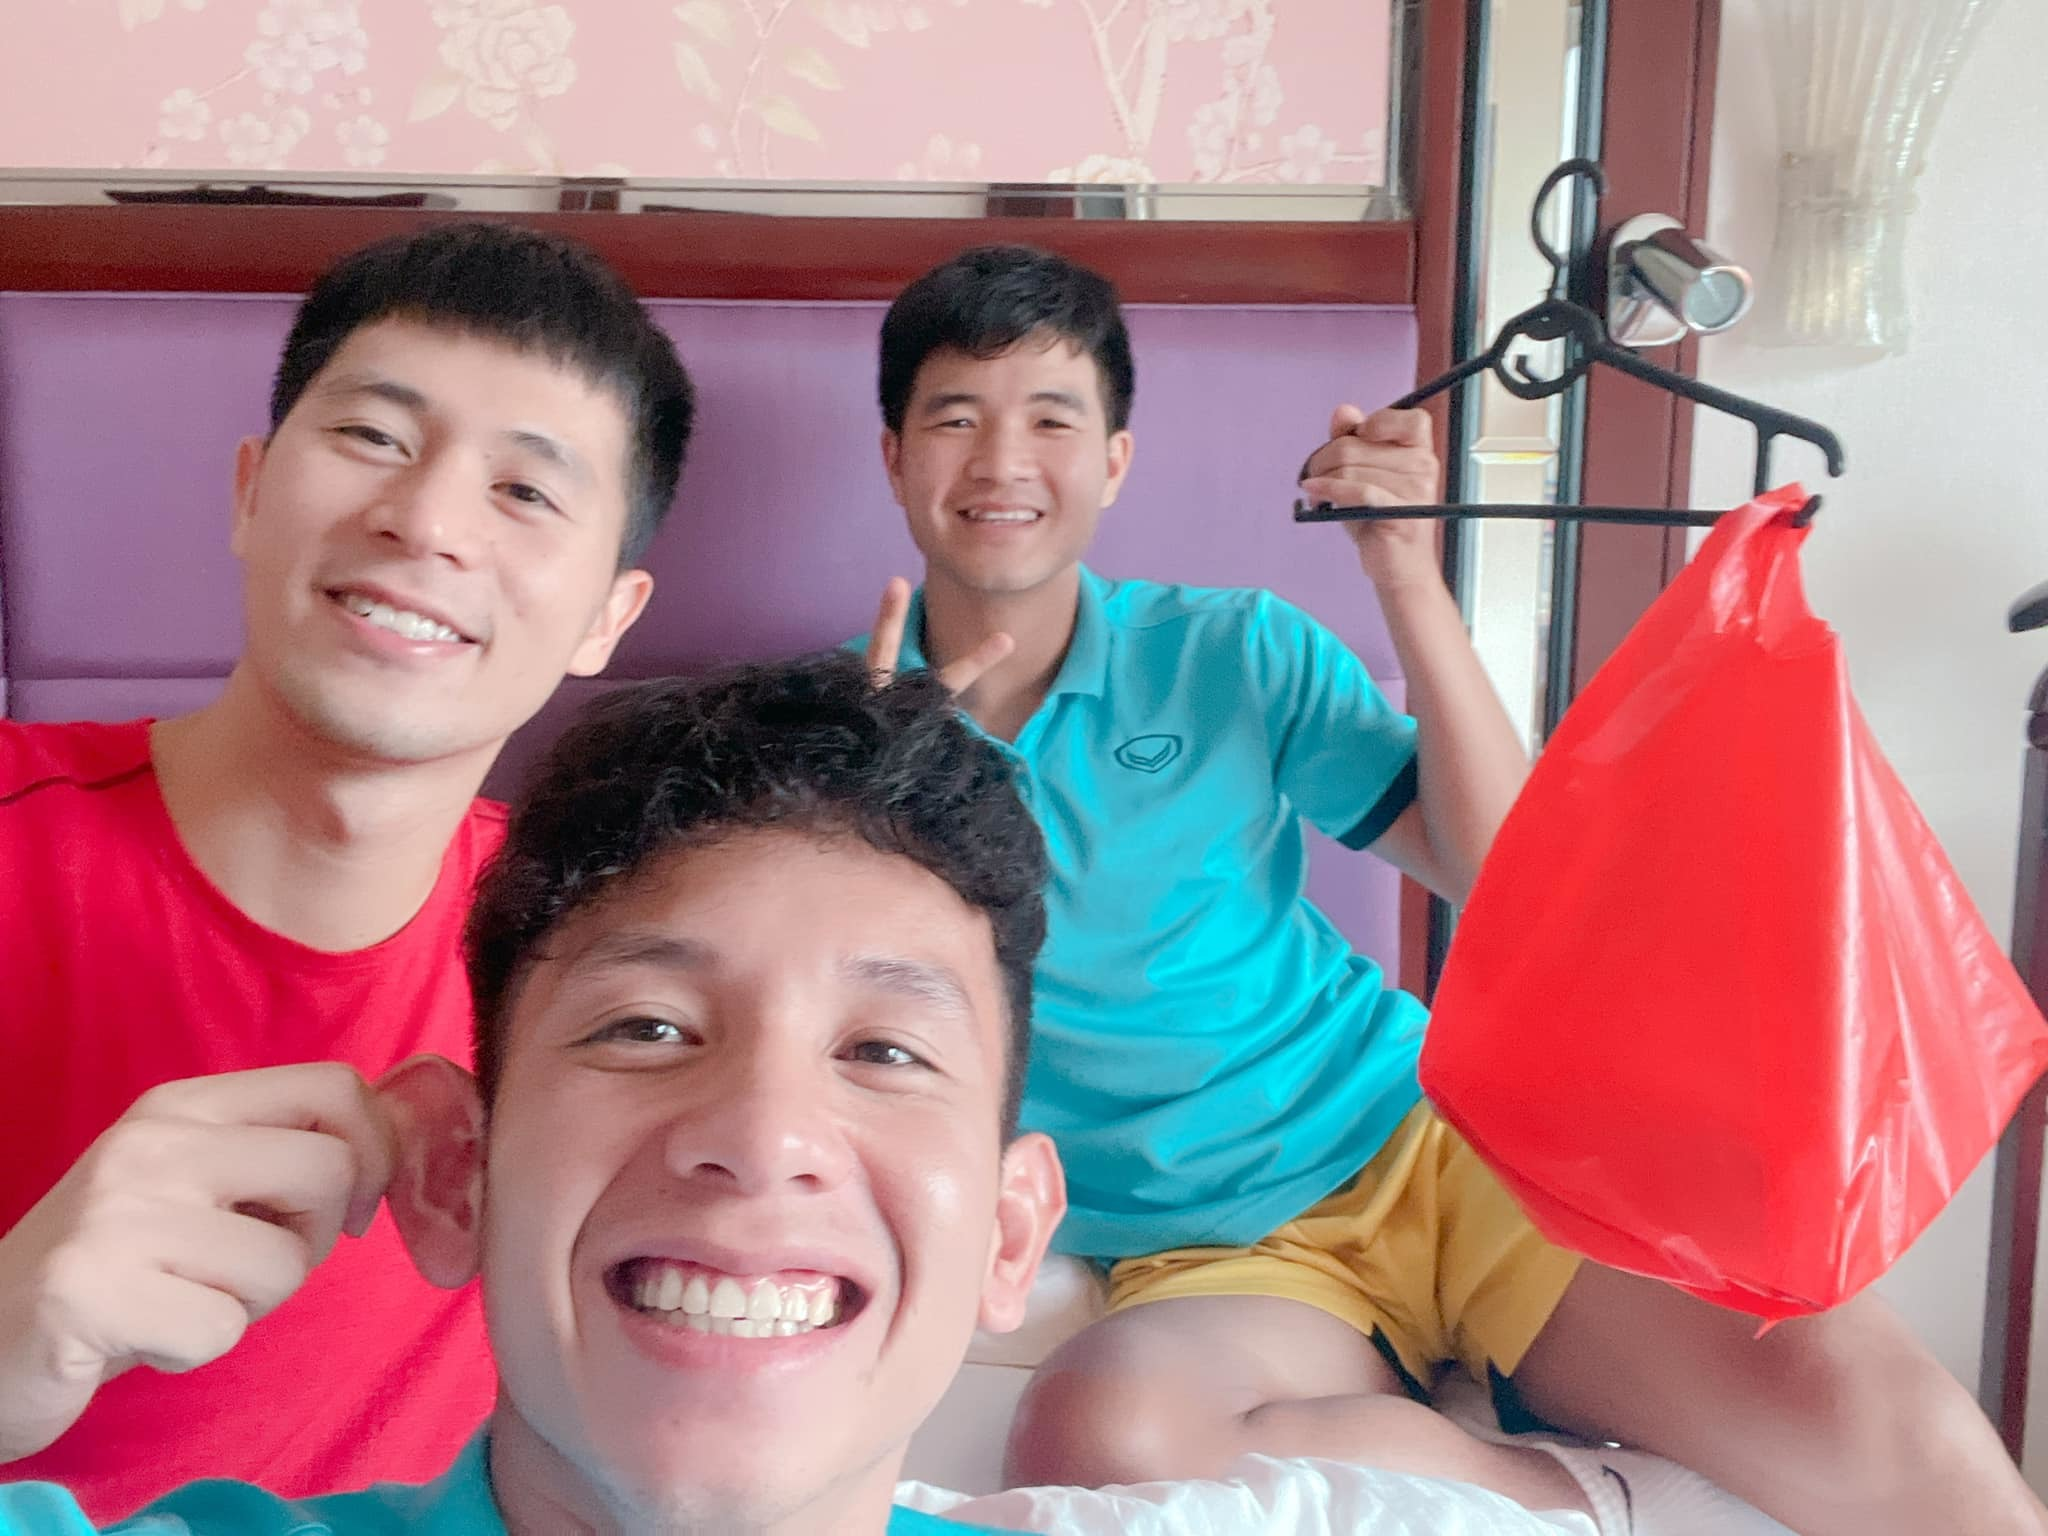 Bộ ba hotboy của đội tuyển Việt Nam cùng chung một khung hình